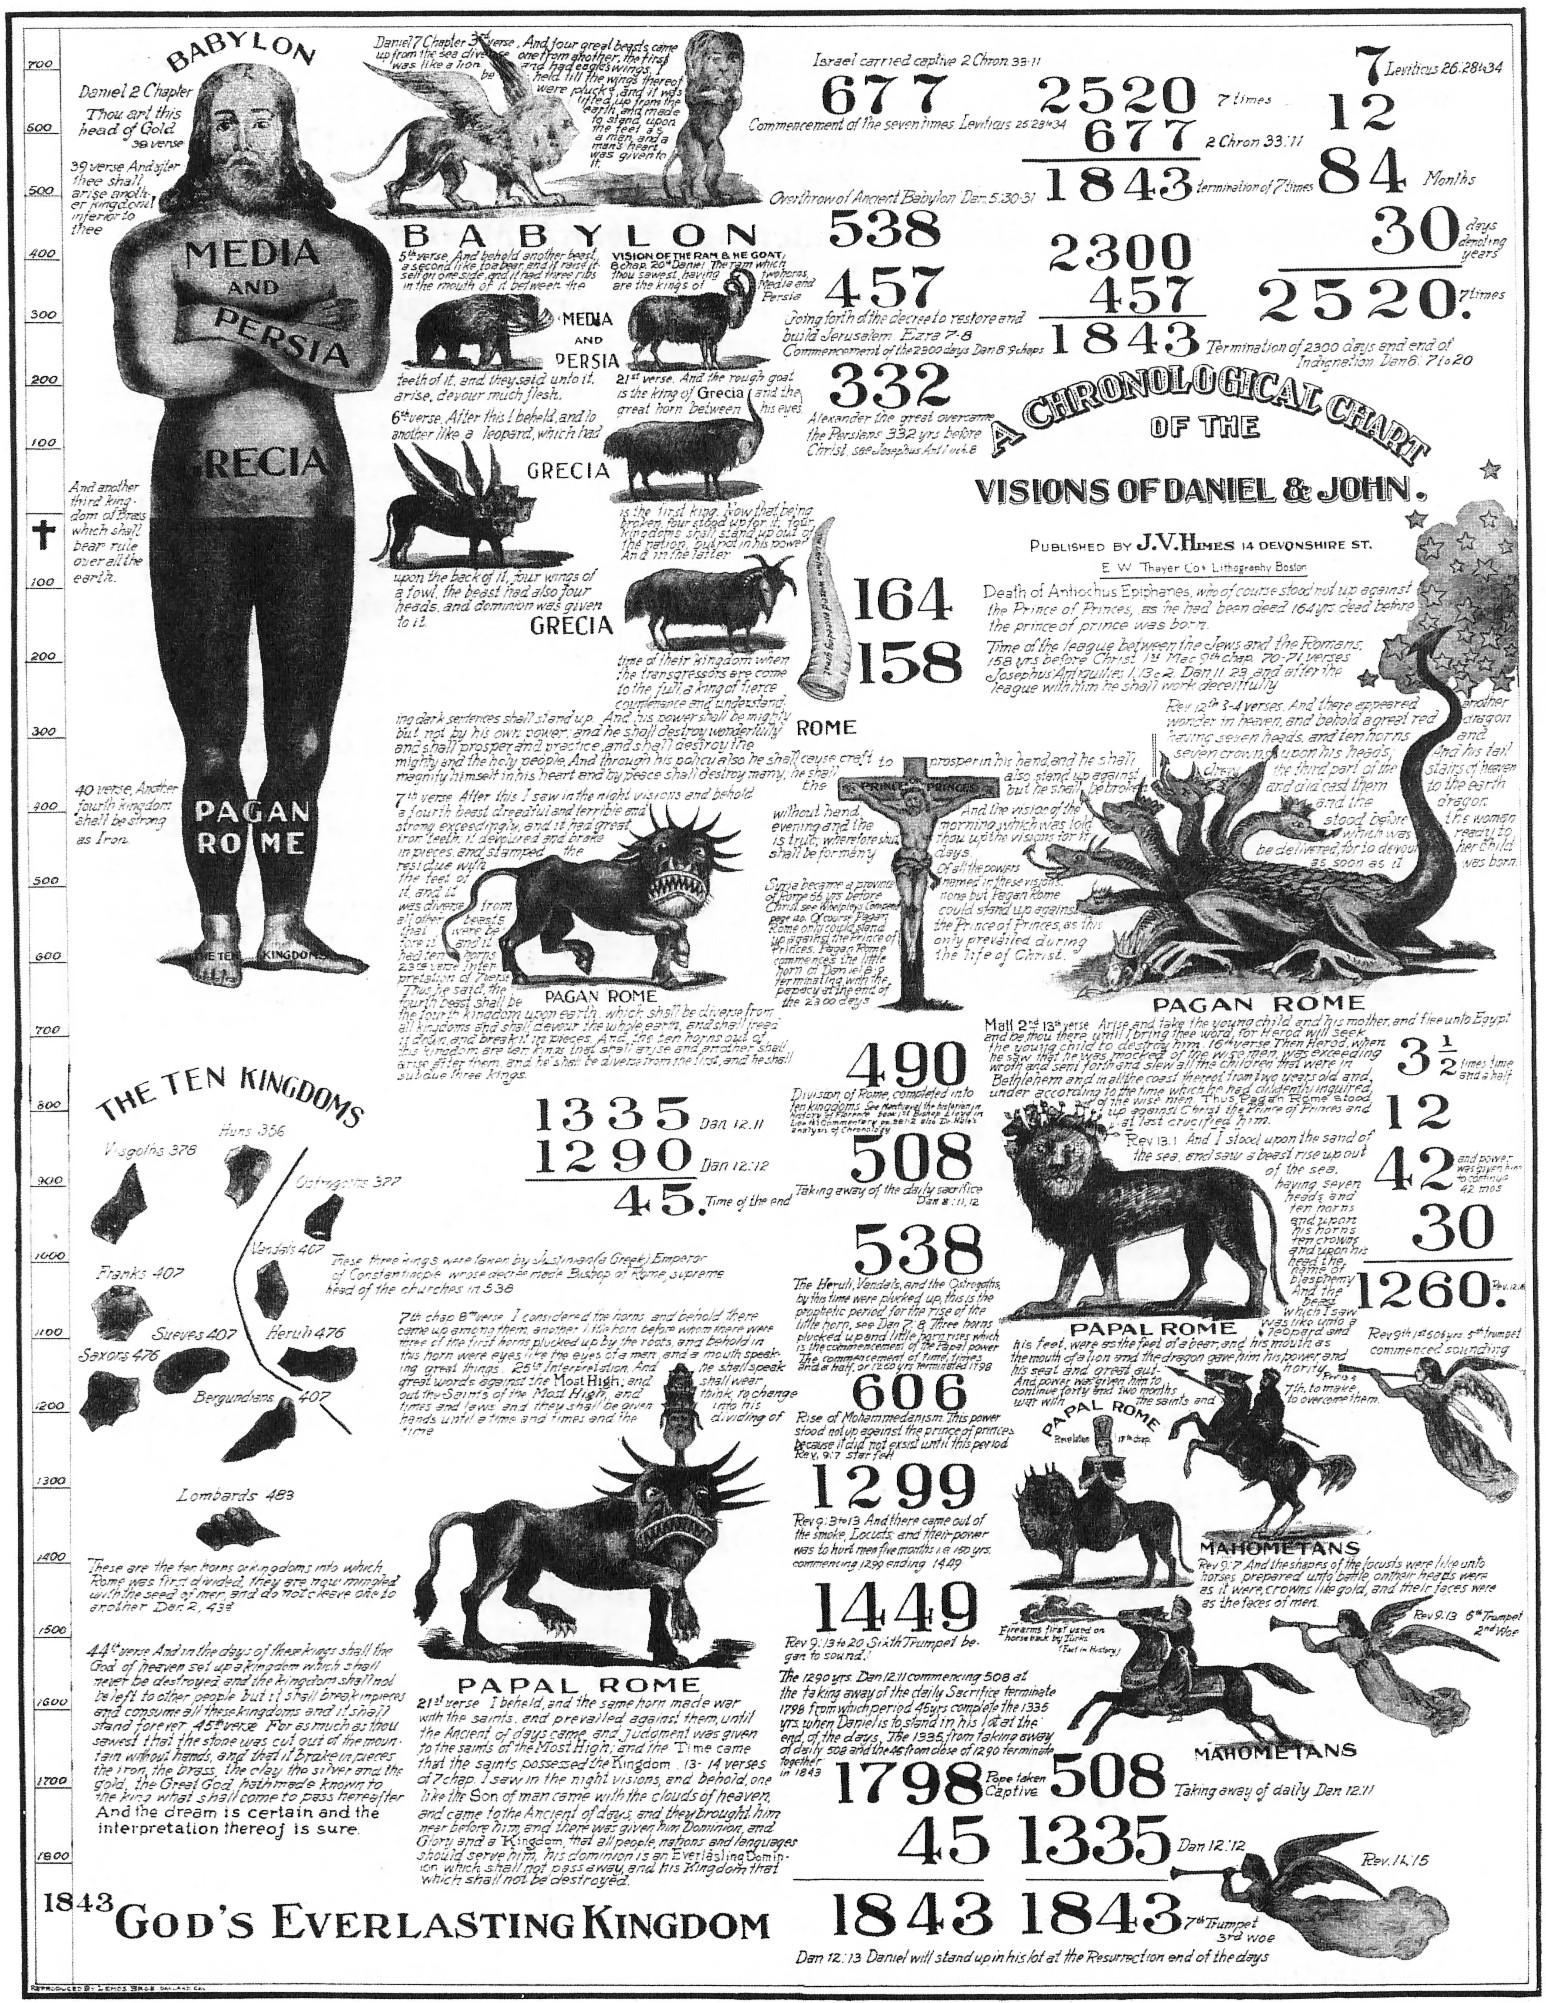 1 100 Chart: Millerite 1843 chart 2.jpg - Wikimedia Commons,Chart